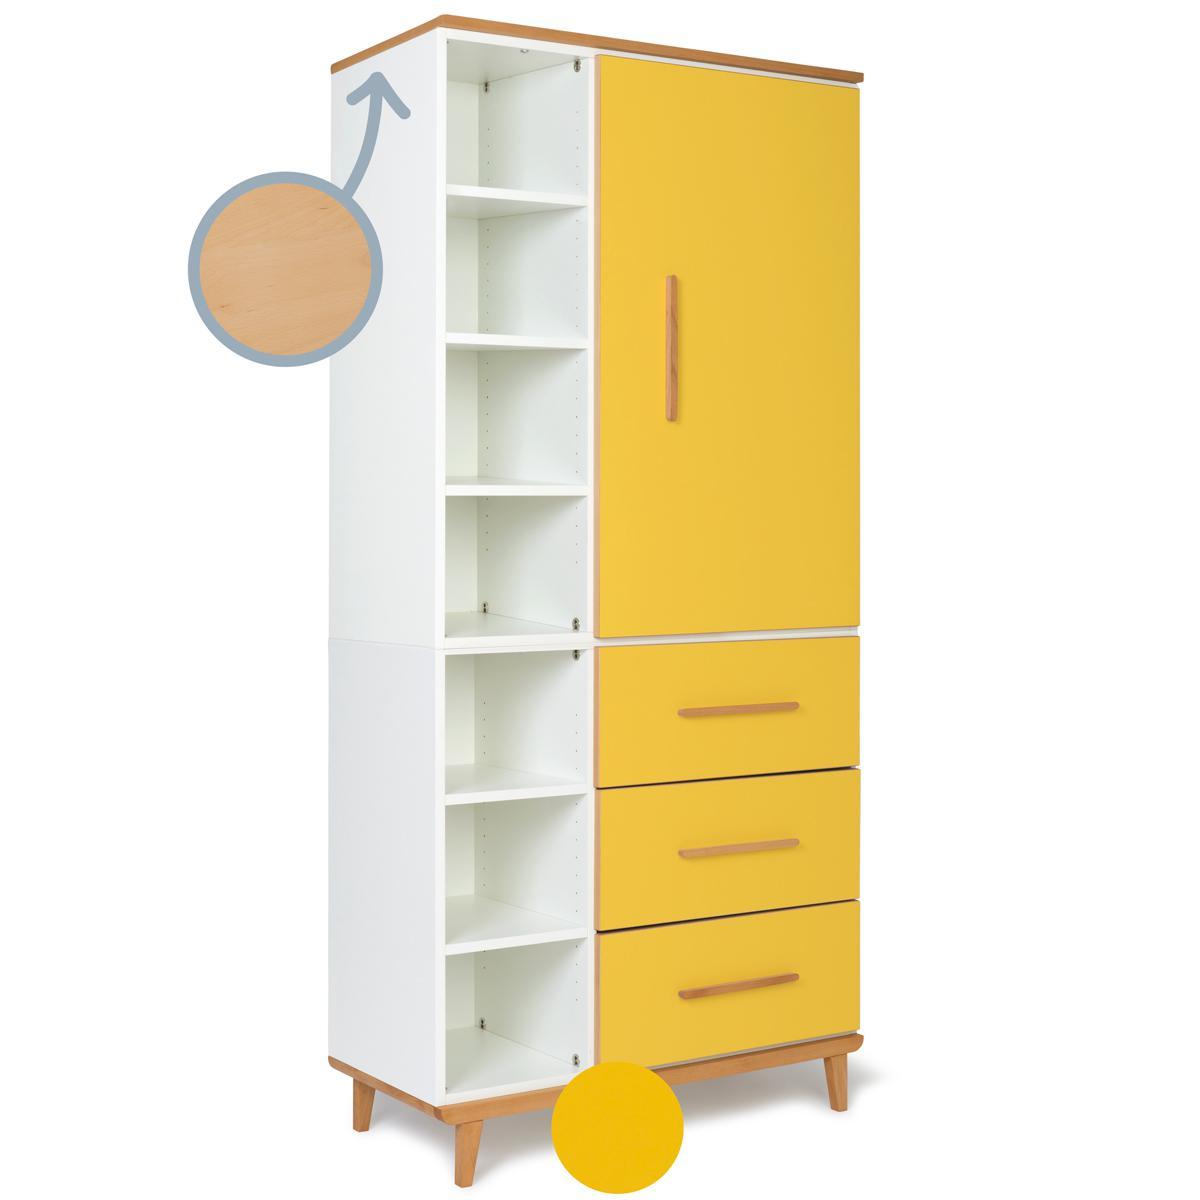 Kleiderschrank 198cm 1-türig 3 Schubladen NADO sunshine yellow